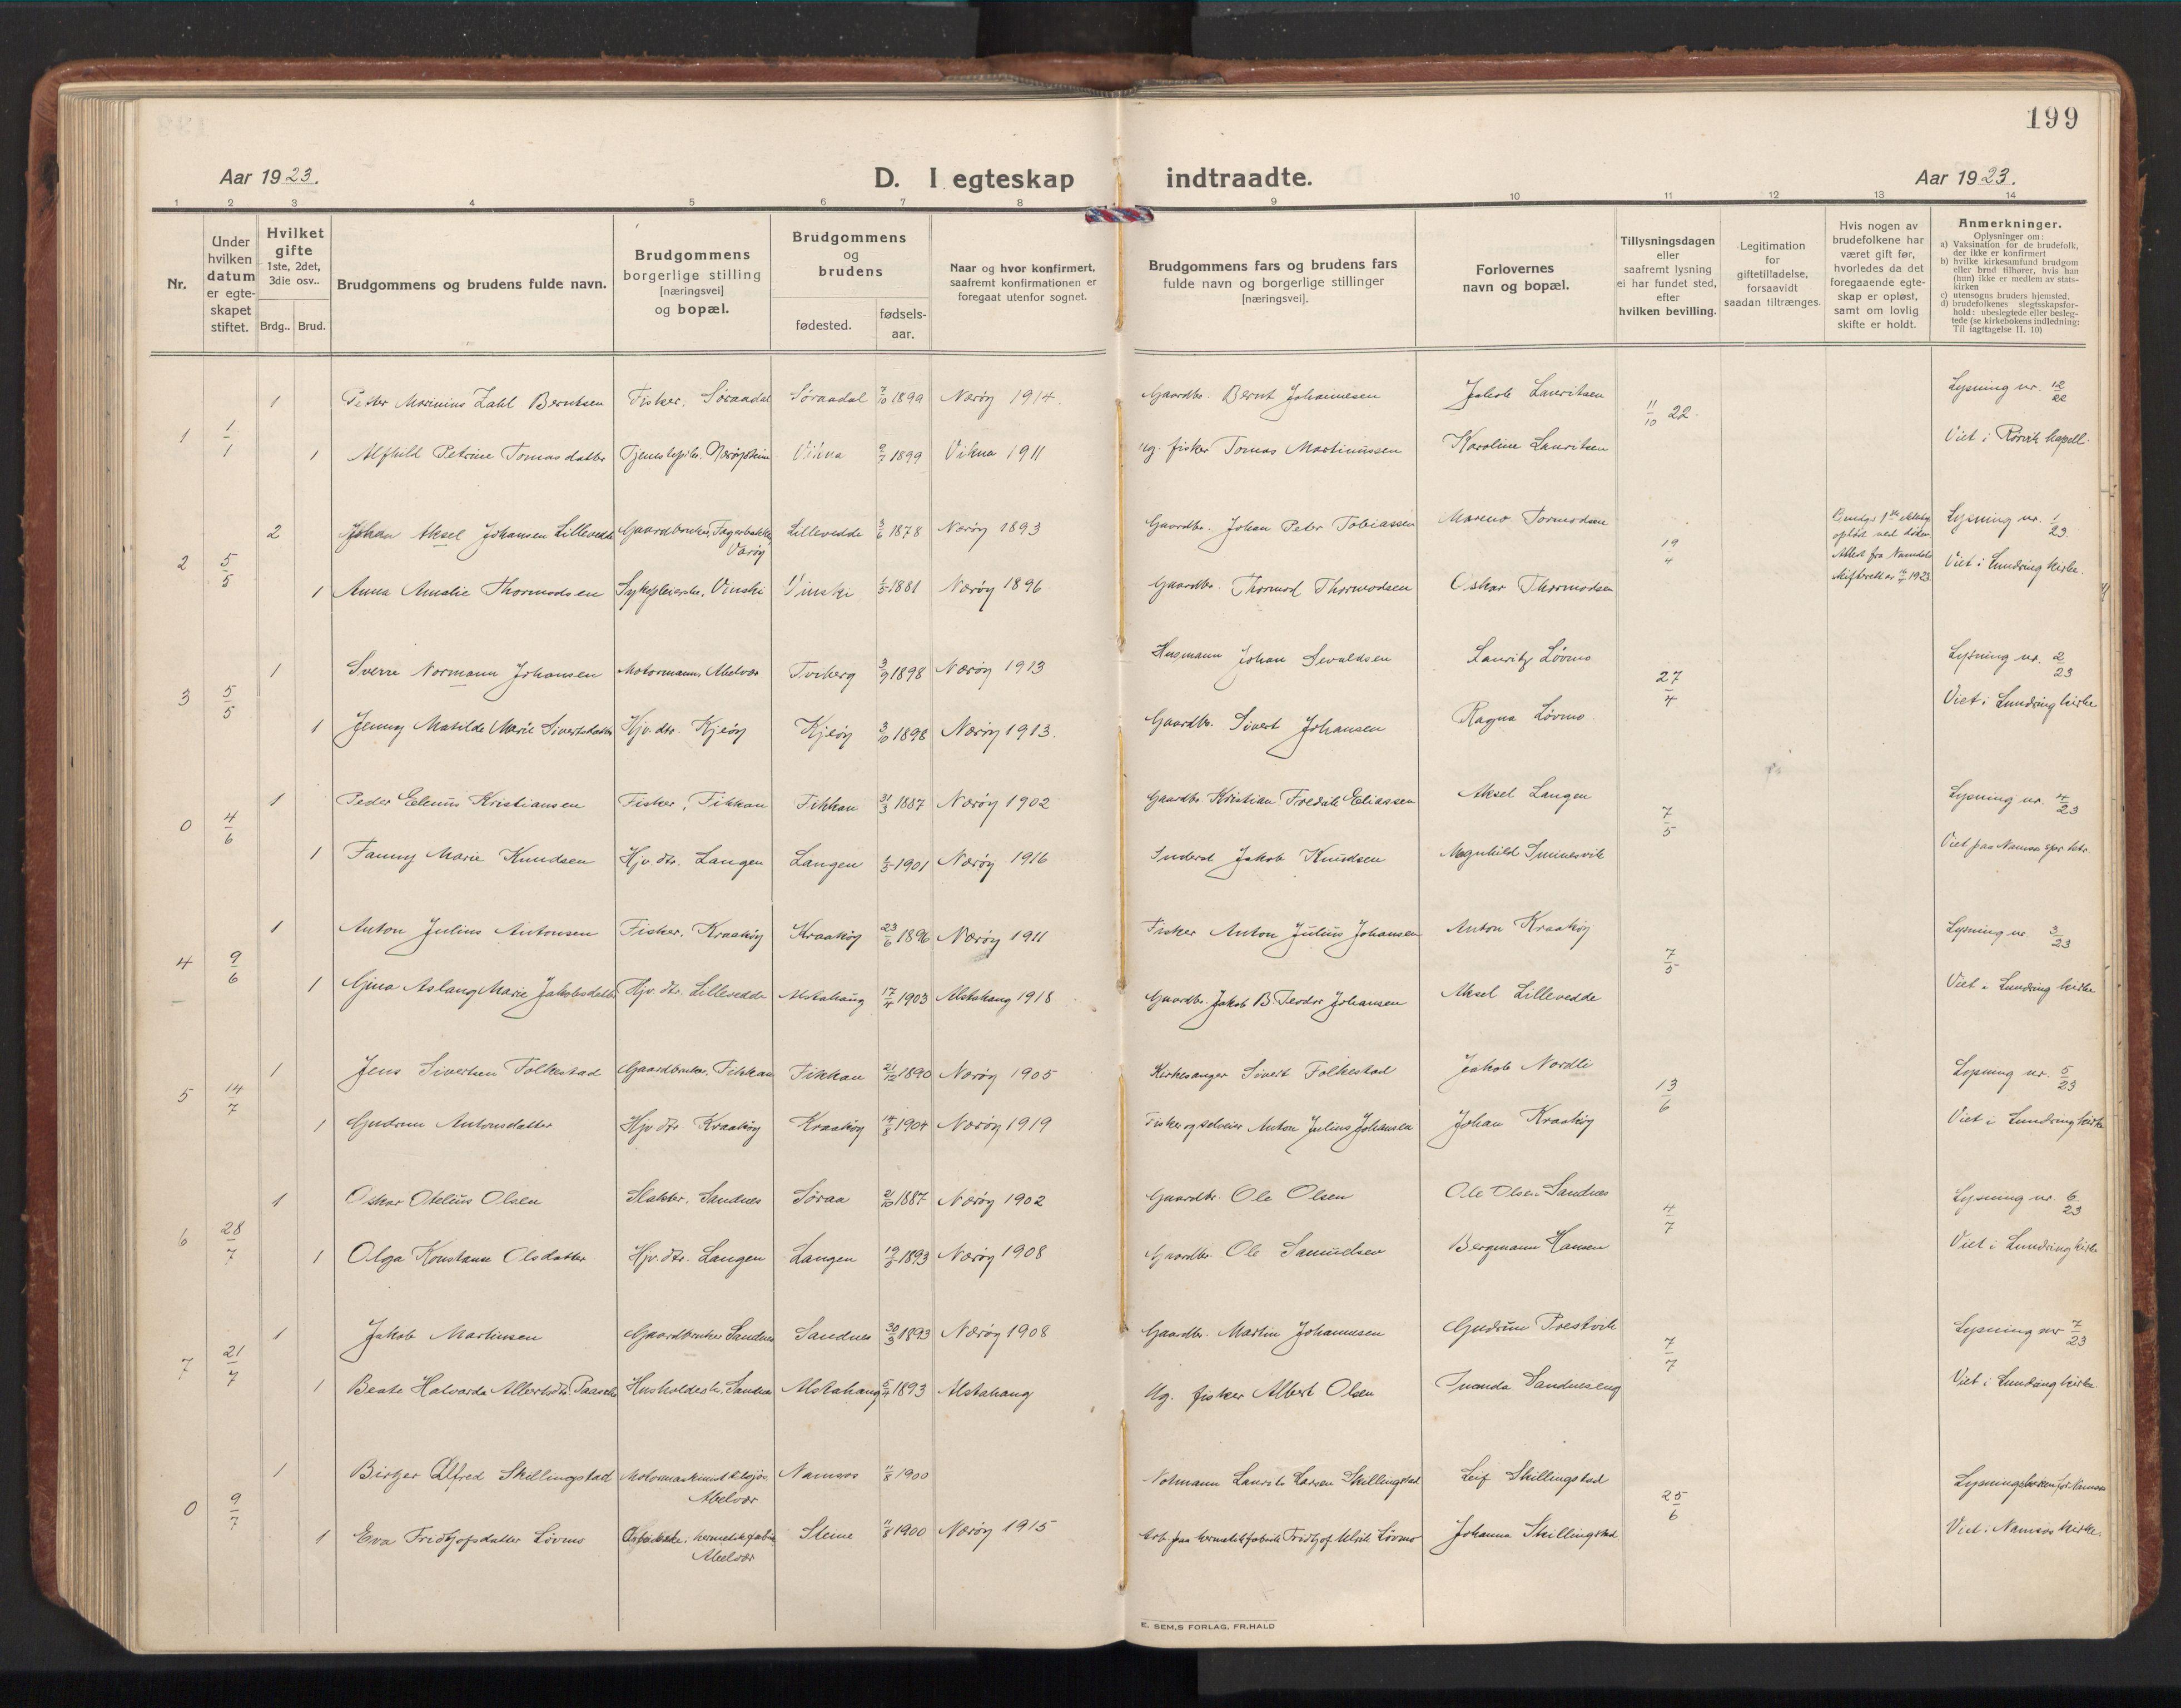 SAT, Ministerialprotokoller, klokkerbøker og fødselsregistre - Nord-Trøndelag, 784/L0678: Ministerialbok nr. 784A13, 1921-1938, s. 199